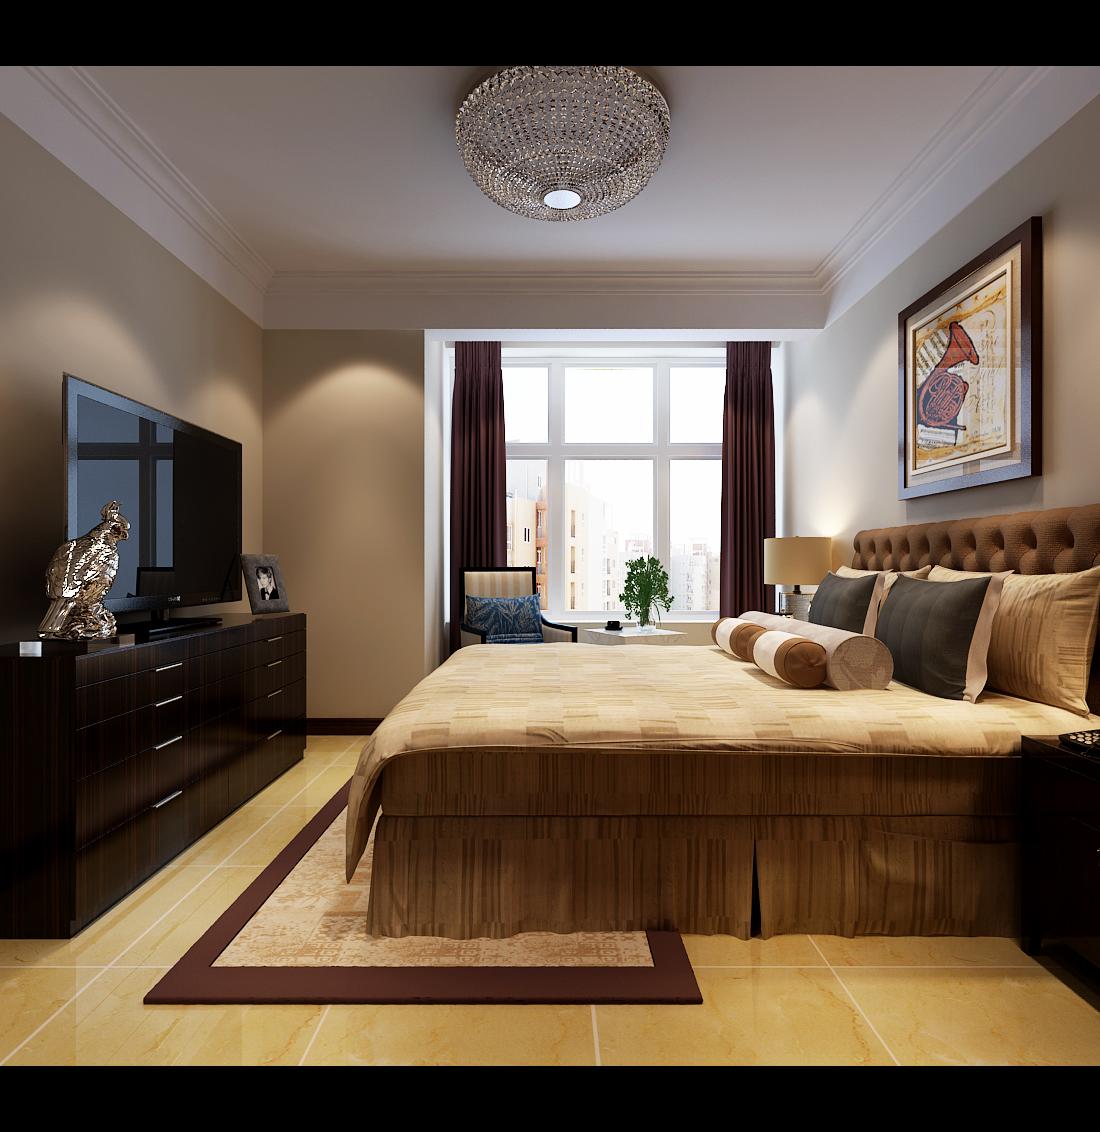 简约 三居 卧室图片来自楠得经典在石家庄裕华万达广场的分享